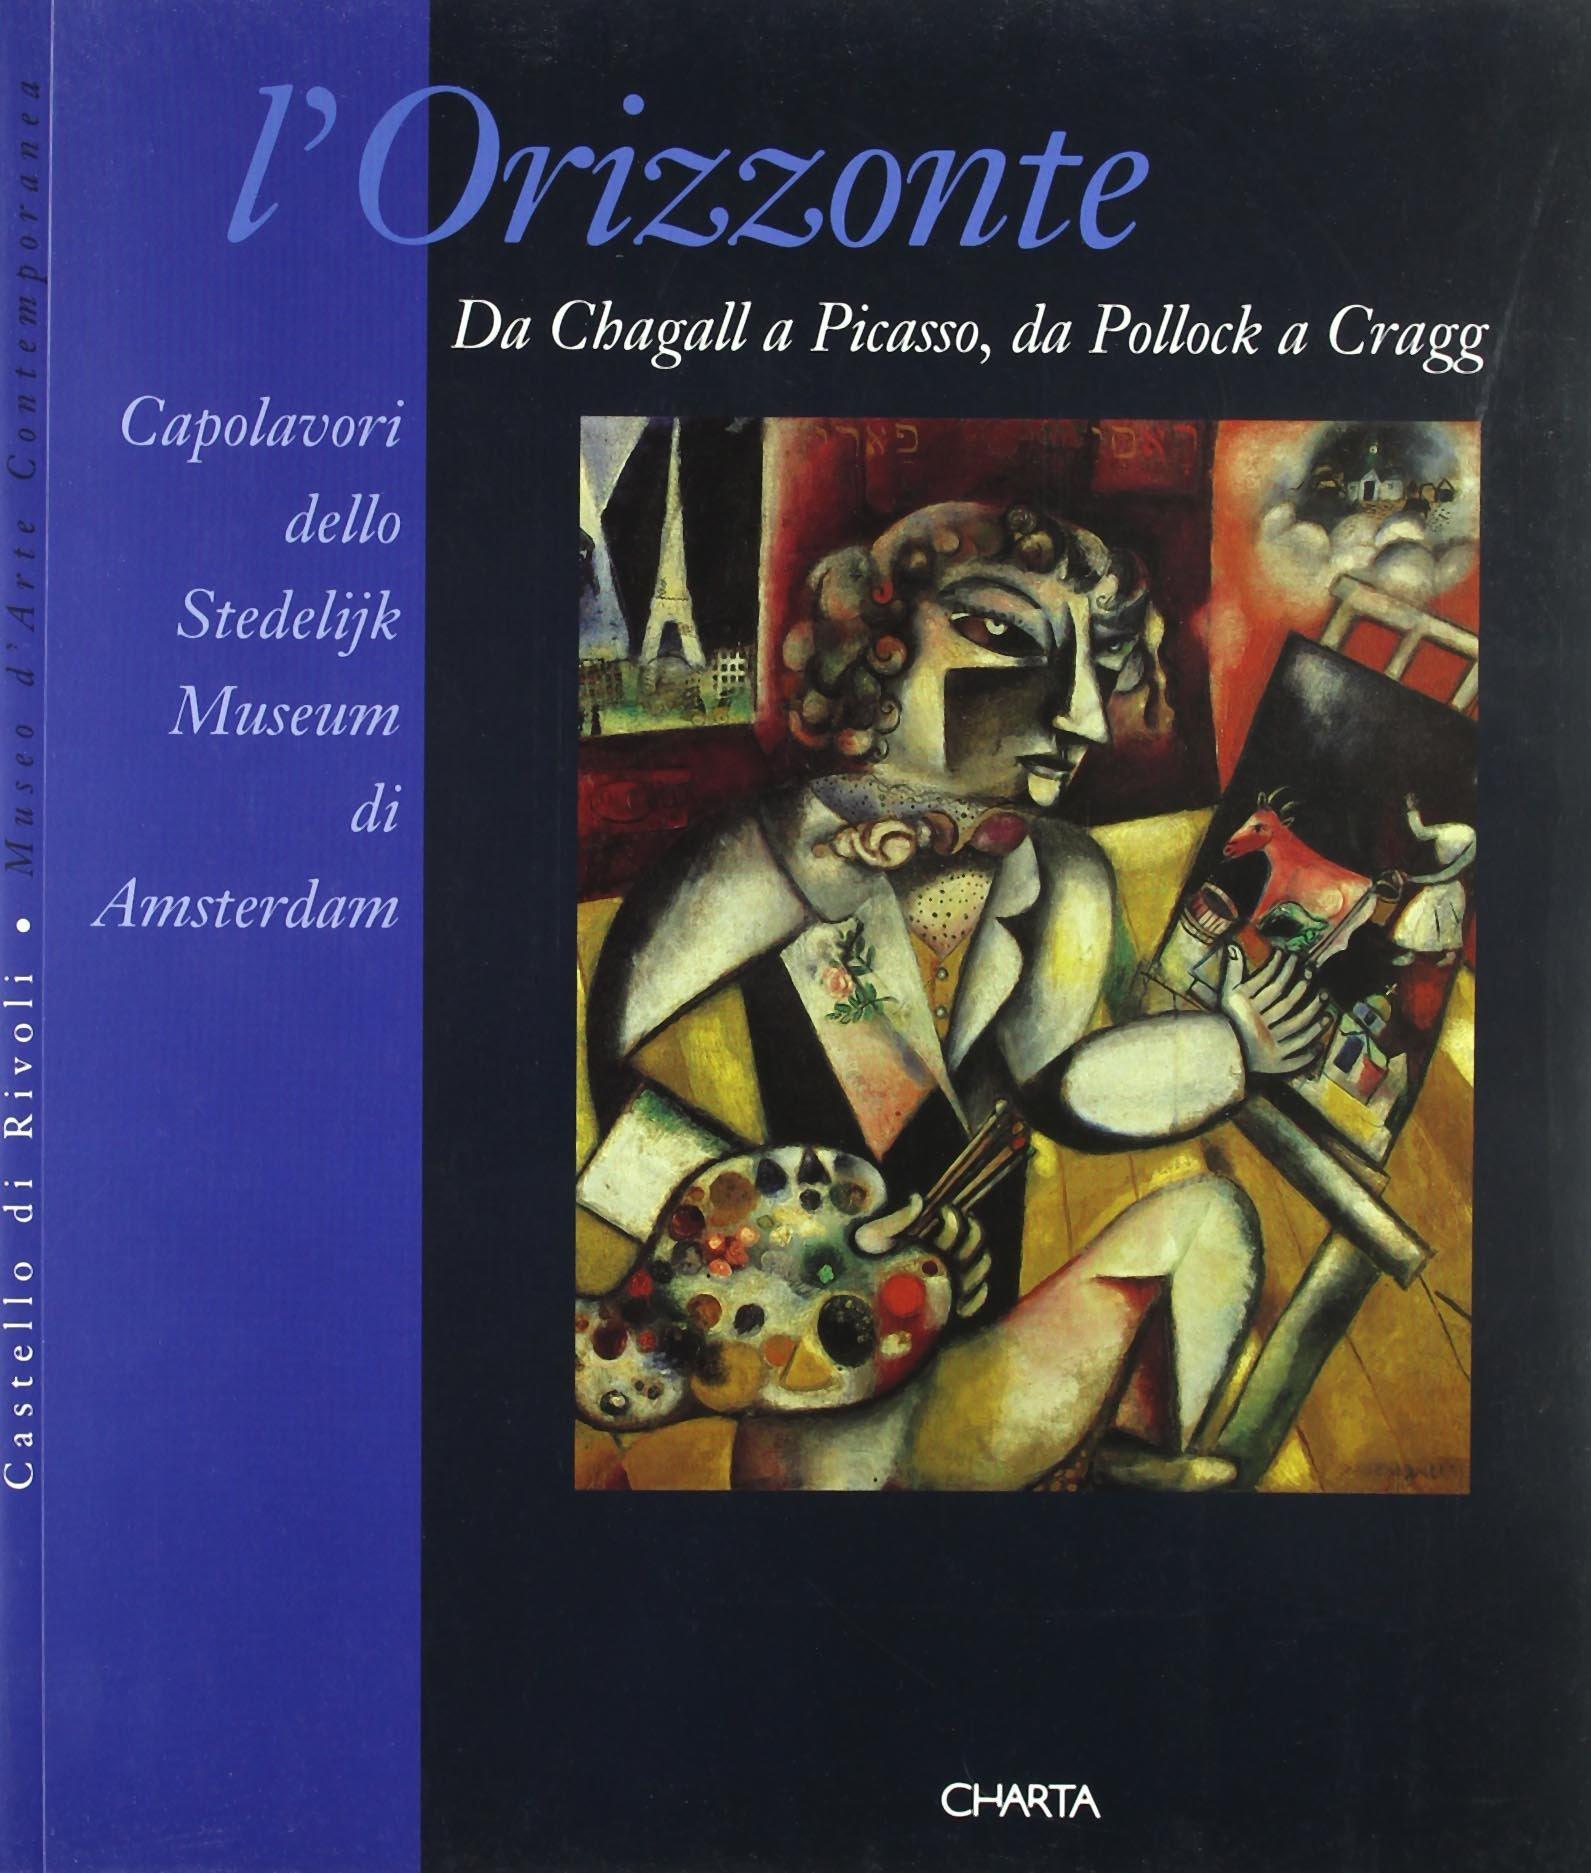 L'orizzonte. Da Chagall a Picasso, da Pollock a Cragg. Capolavori dello Stedelijk Museum di Amsterdam. Catalogo (Rivoli, 20 dicembre 1994-23 aprile 1995) Copertina flessibile – 31 dic 1994 Ida Gianelli Rudi H. Fuchs Geurt Imanse Charta